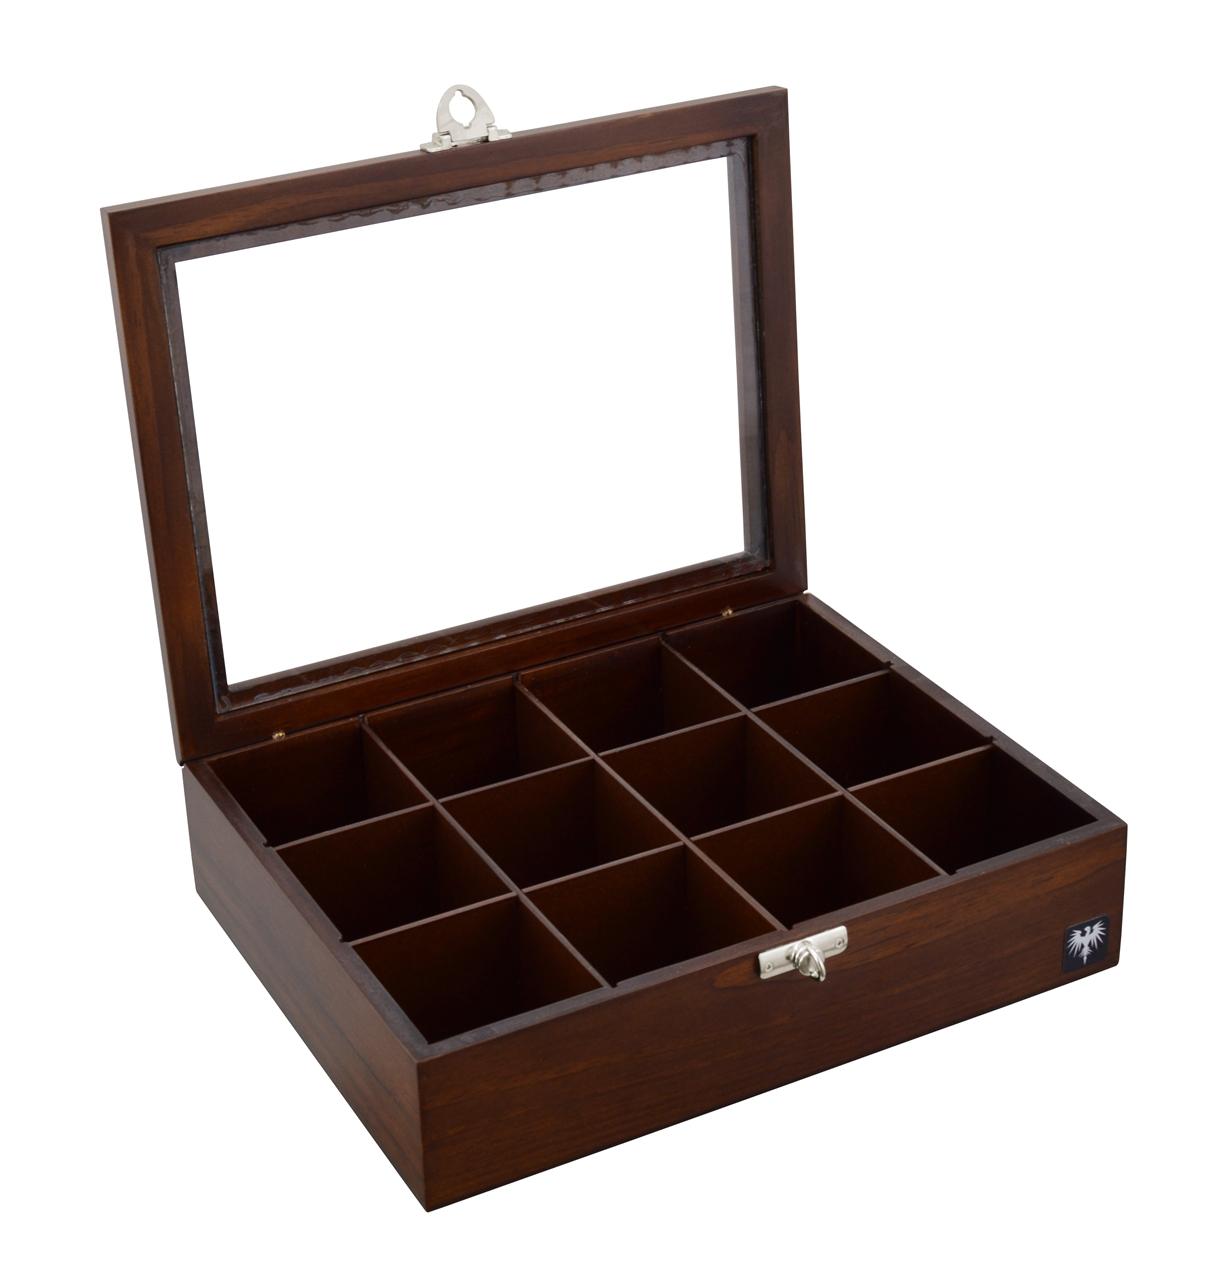 estojo-porta-cha-12-nichos-madeira-macica-tabaco-imagem-3.JPG